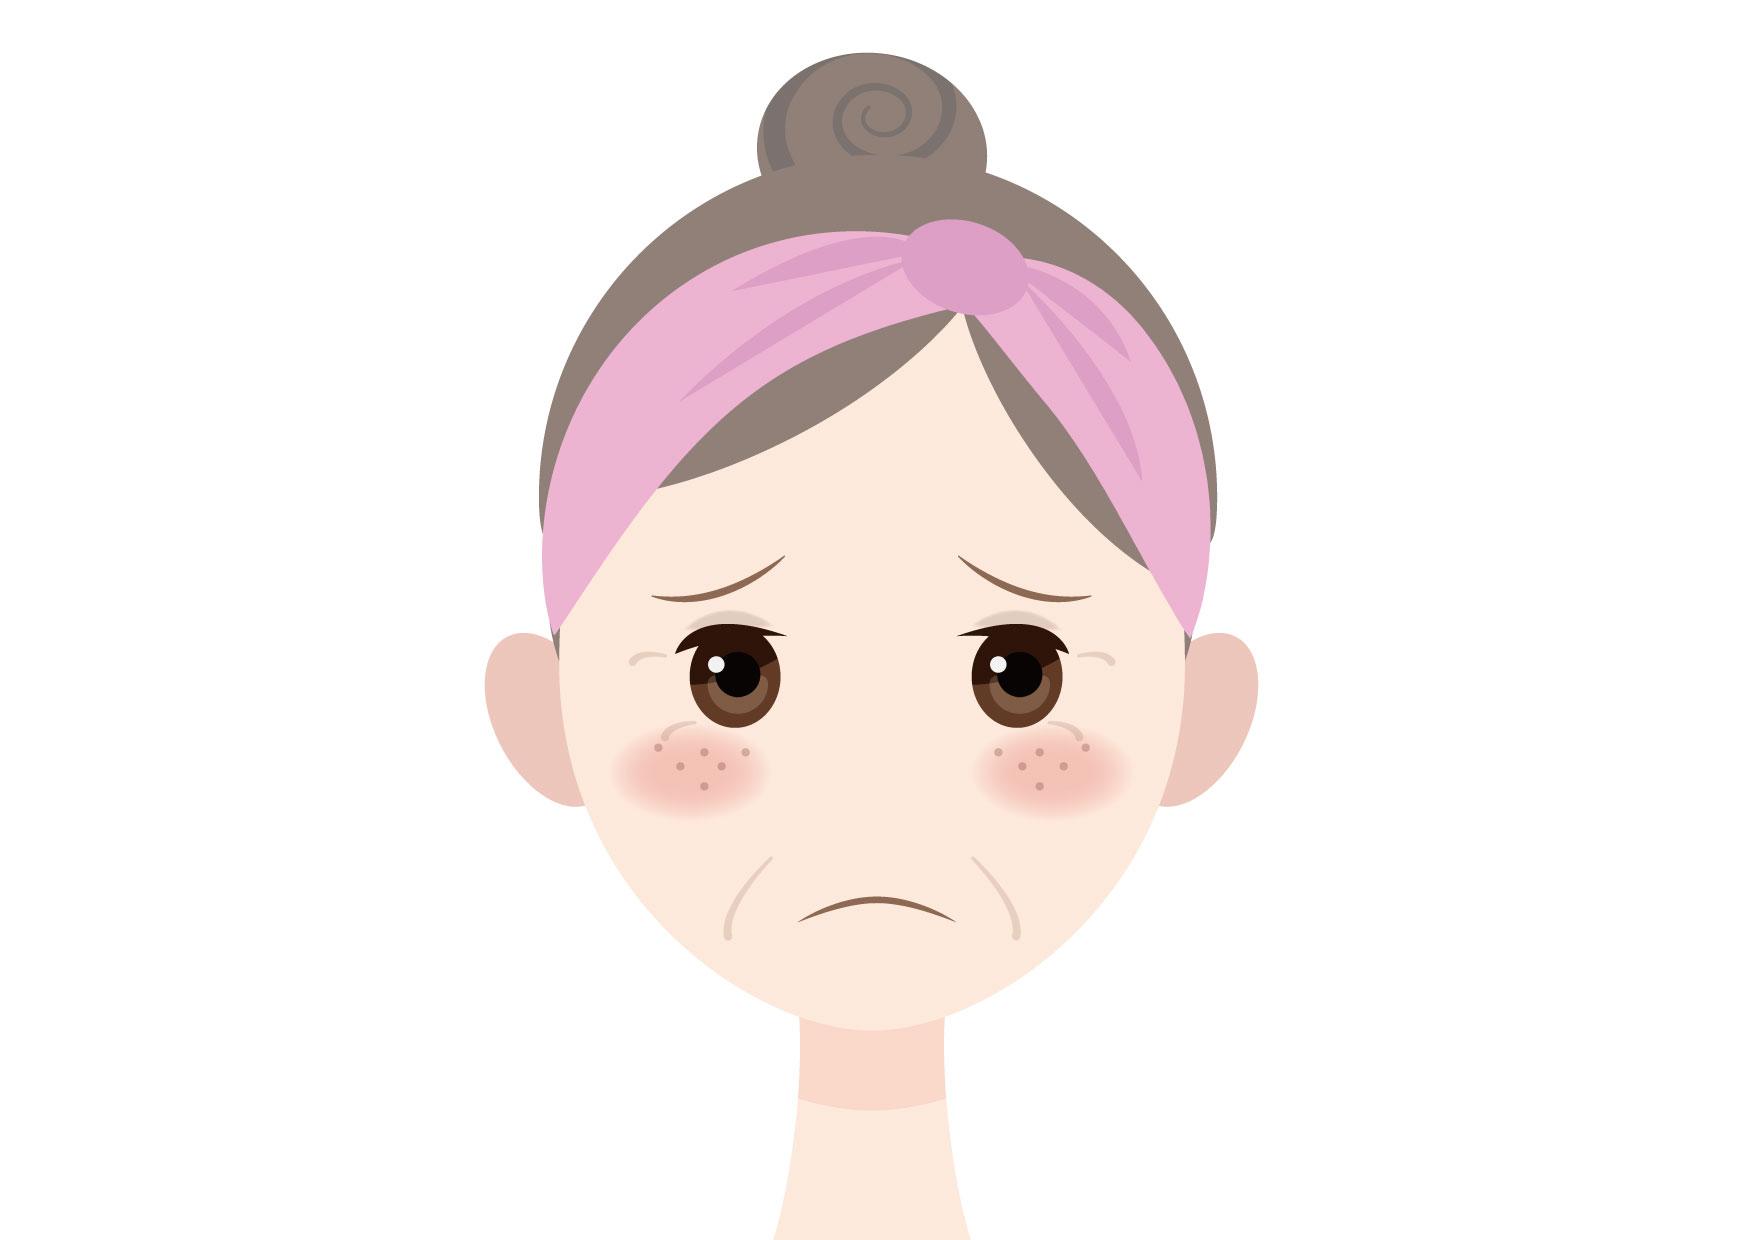 可愛いイラスト無料|女性 顔 くすみ そばかす 40代 50代 − free illustration Female face freckles 40s 50s